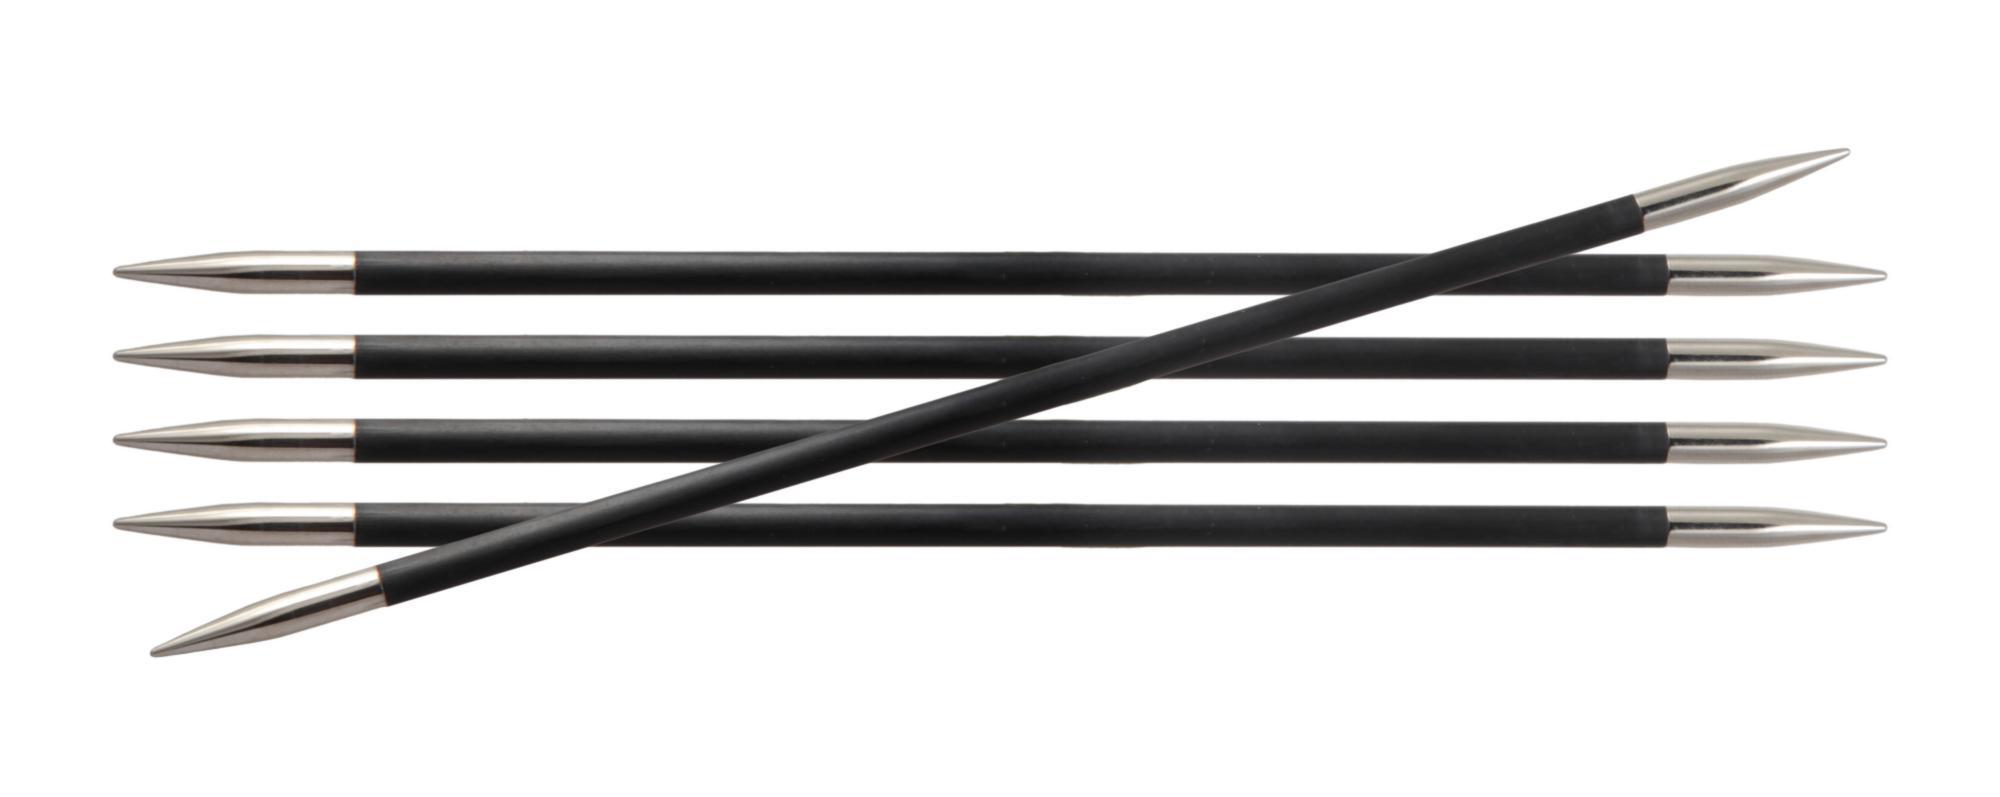 Спицы носочные 20 см Karbonz KnitPro, 41127, 2.75 мм